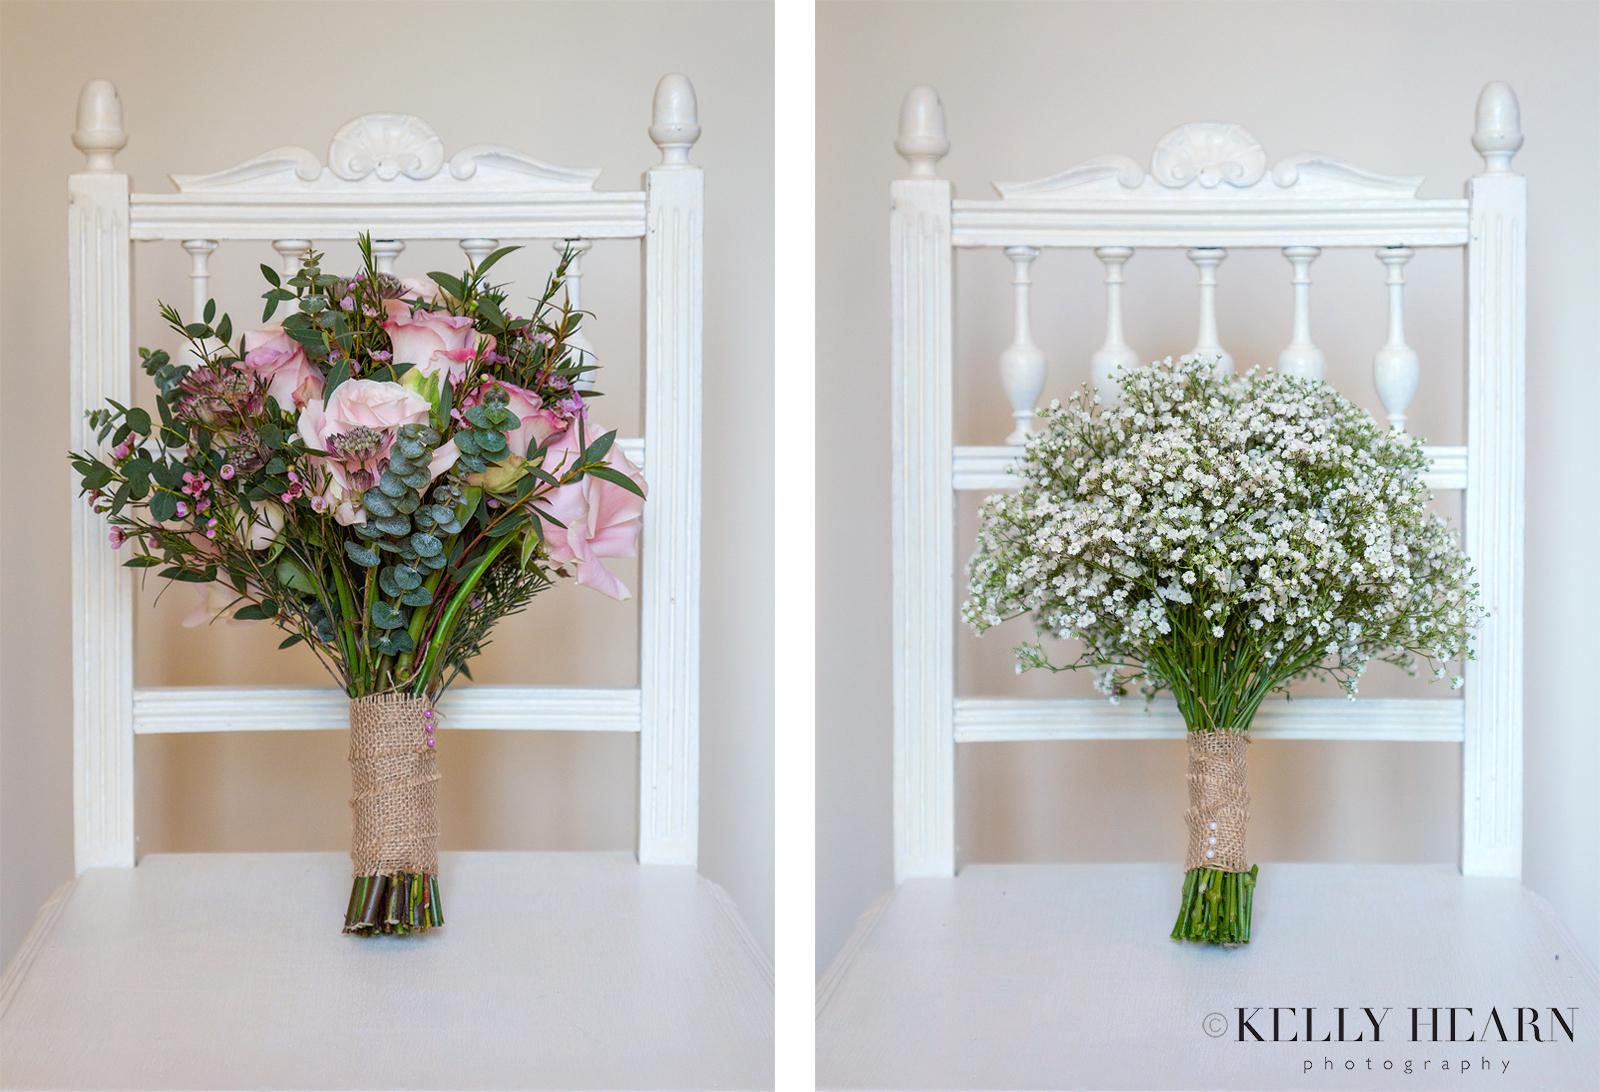 WALM_bouquet-montage.jpg#asset:2473